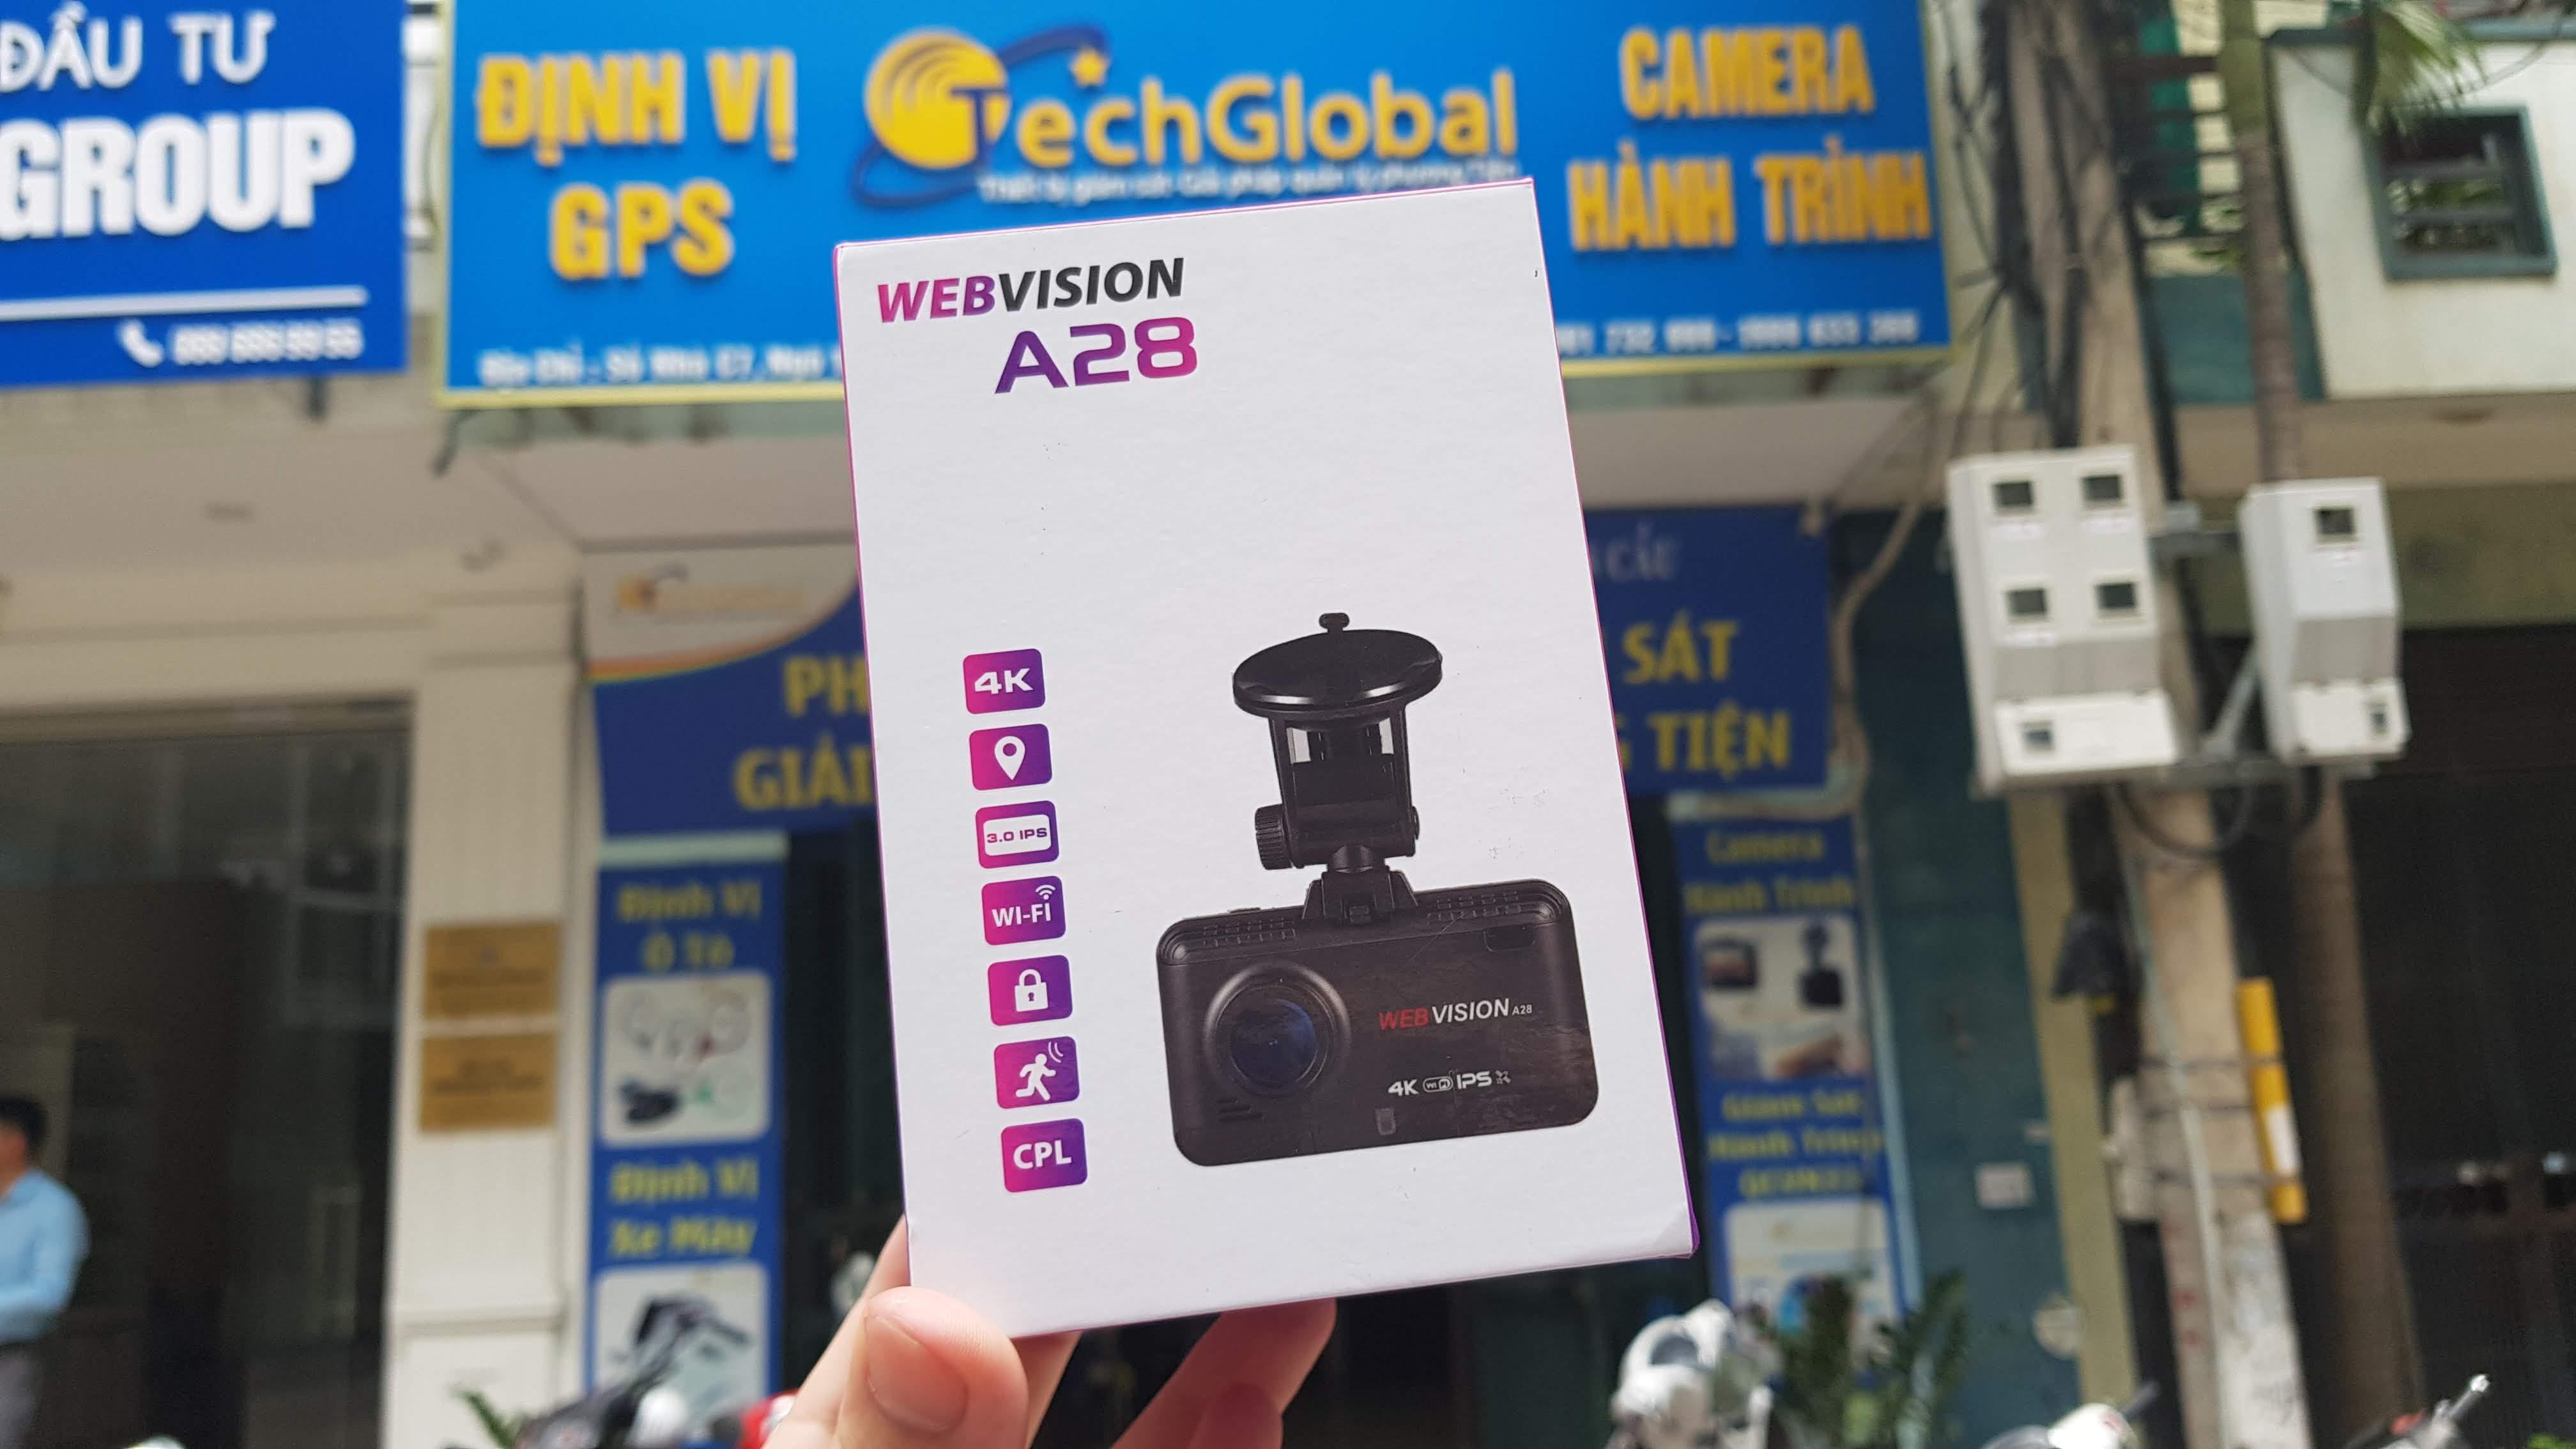 Camera Hành Trình Webvision A28 - Cảnh Báo Giao Thông - Ghi Hình 4K-111